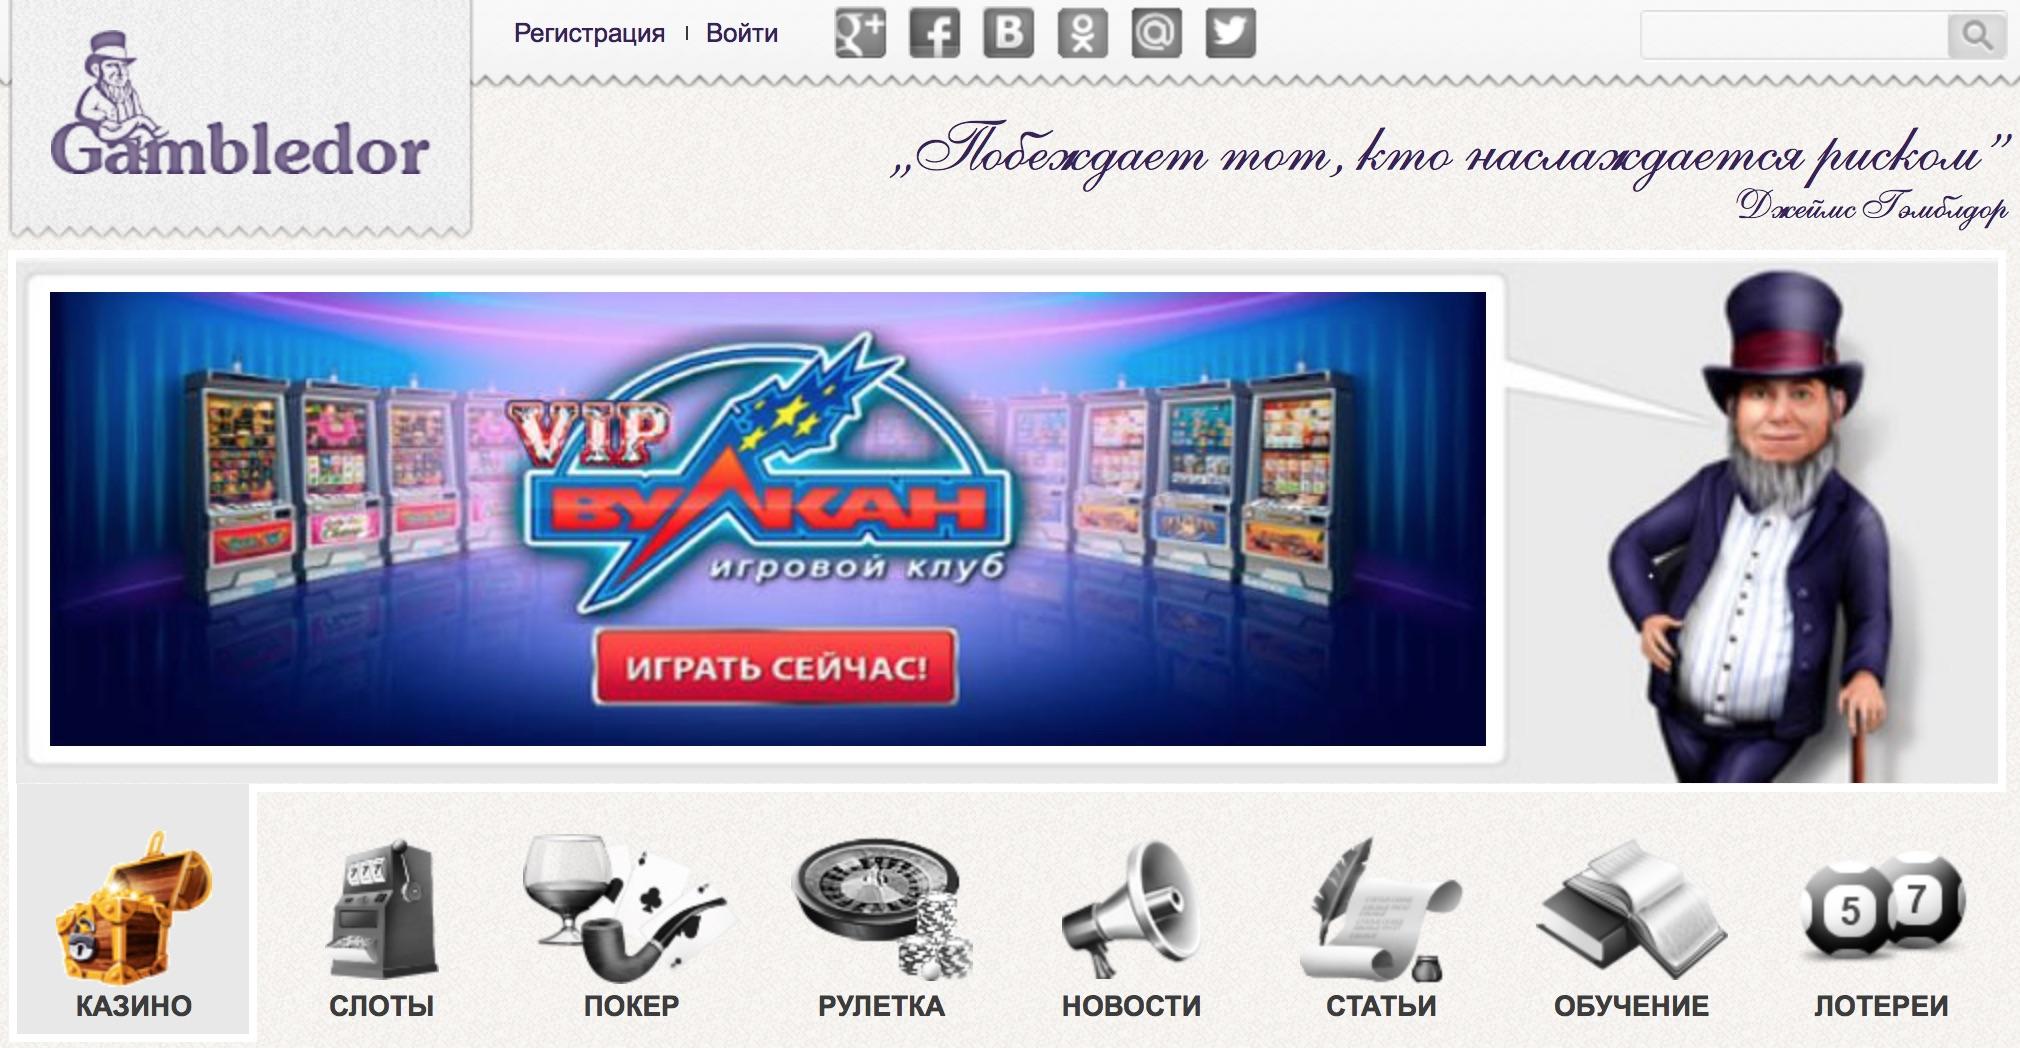 Бесплатно игровые автоматы гладиатор онлайн